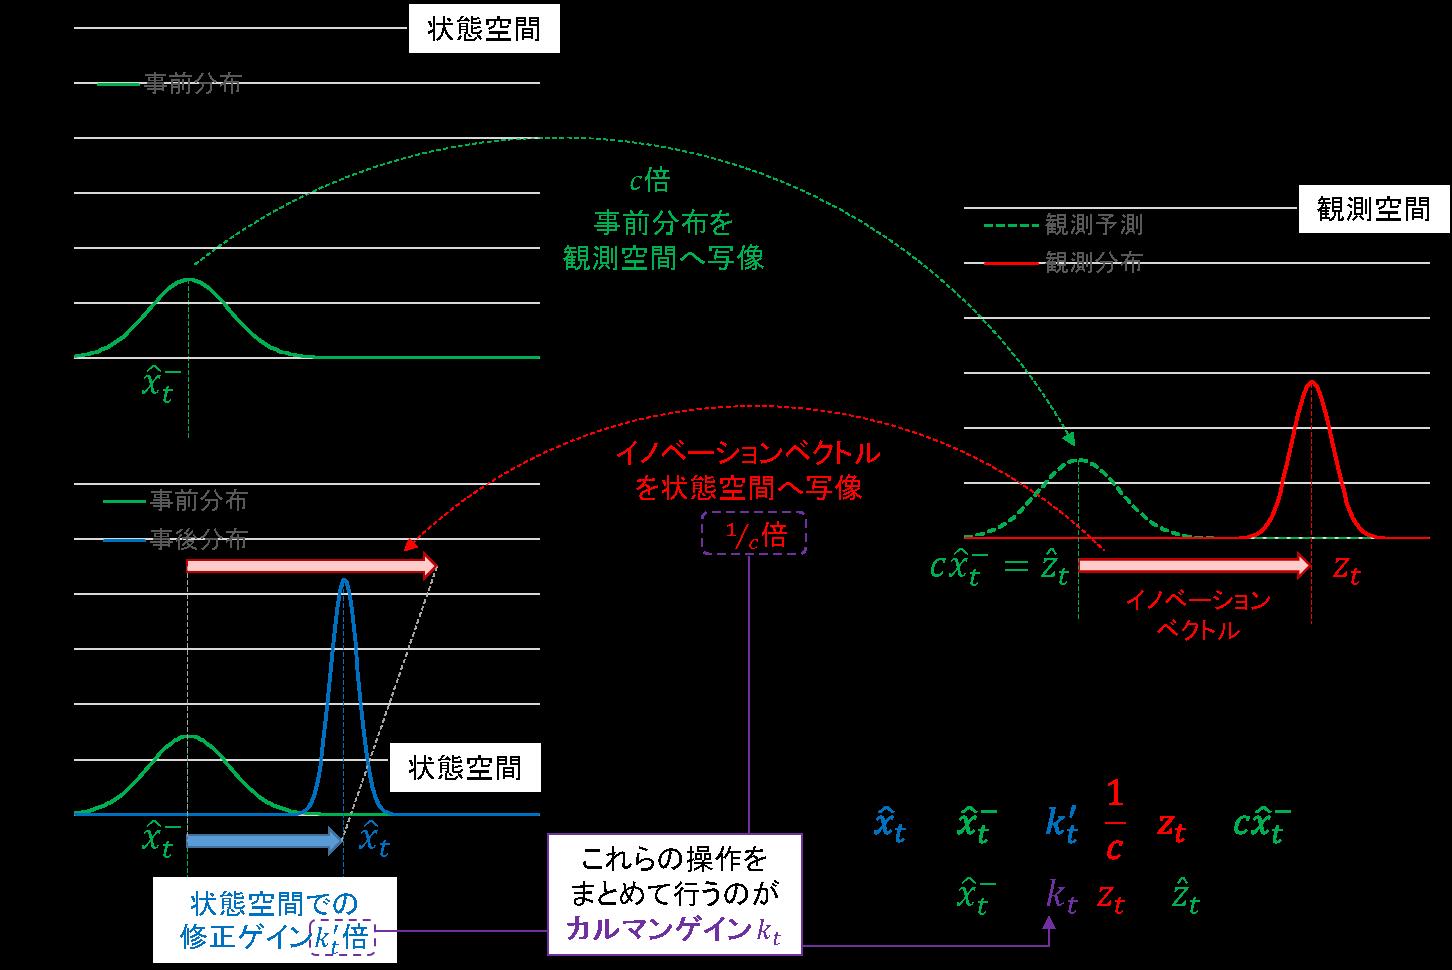 06_フィルタリング_観測空間付き.png